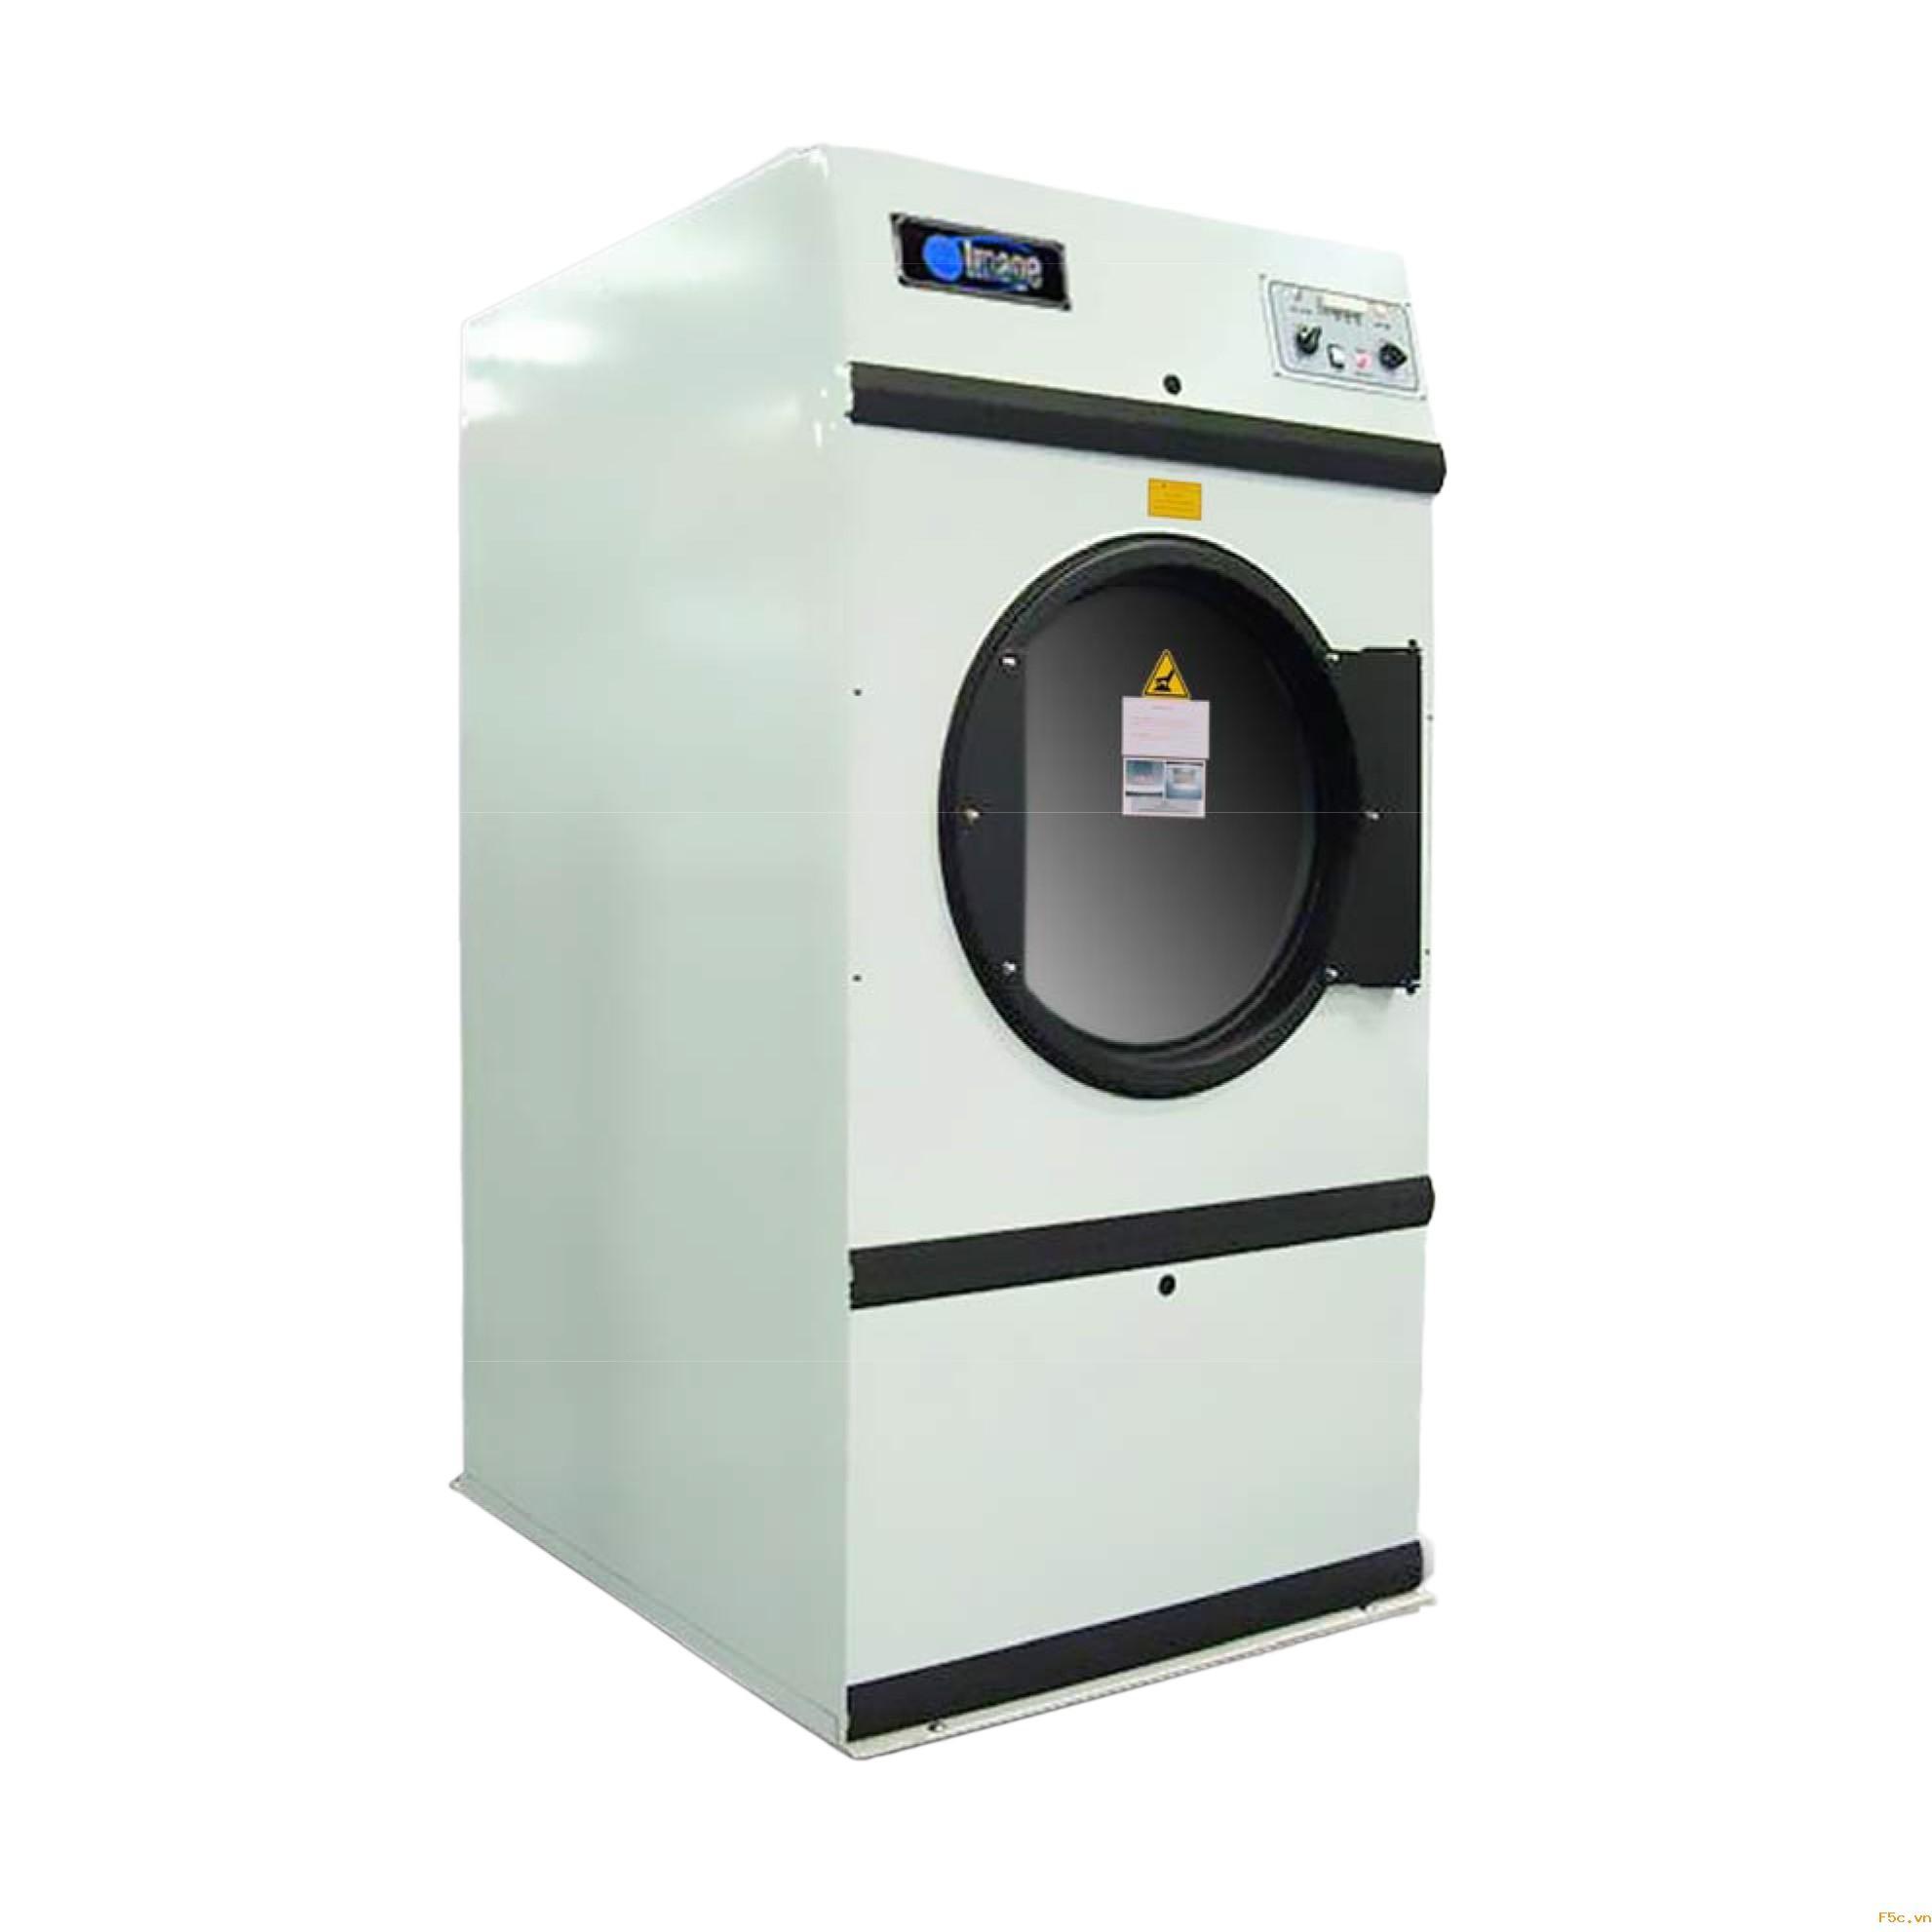 Máy sấy công nghiệp IMAGE DE 75 - Phân phối máy giặt công nghiệp ,máy sấy công nghiệp chính hãng